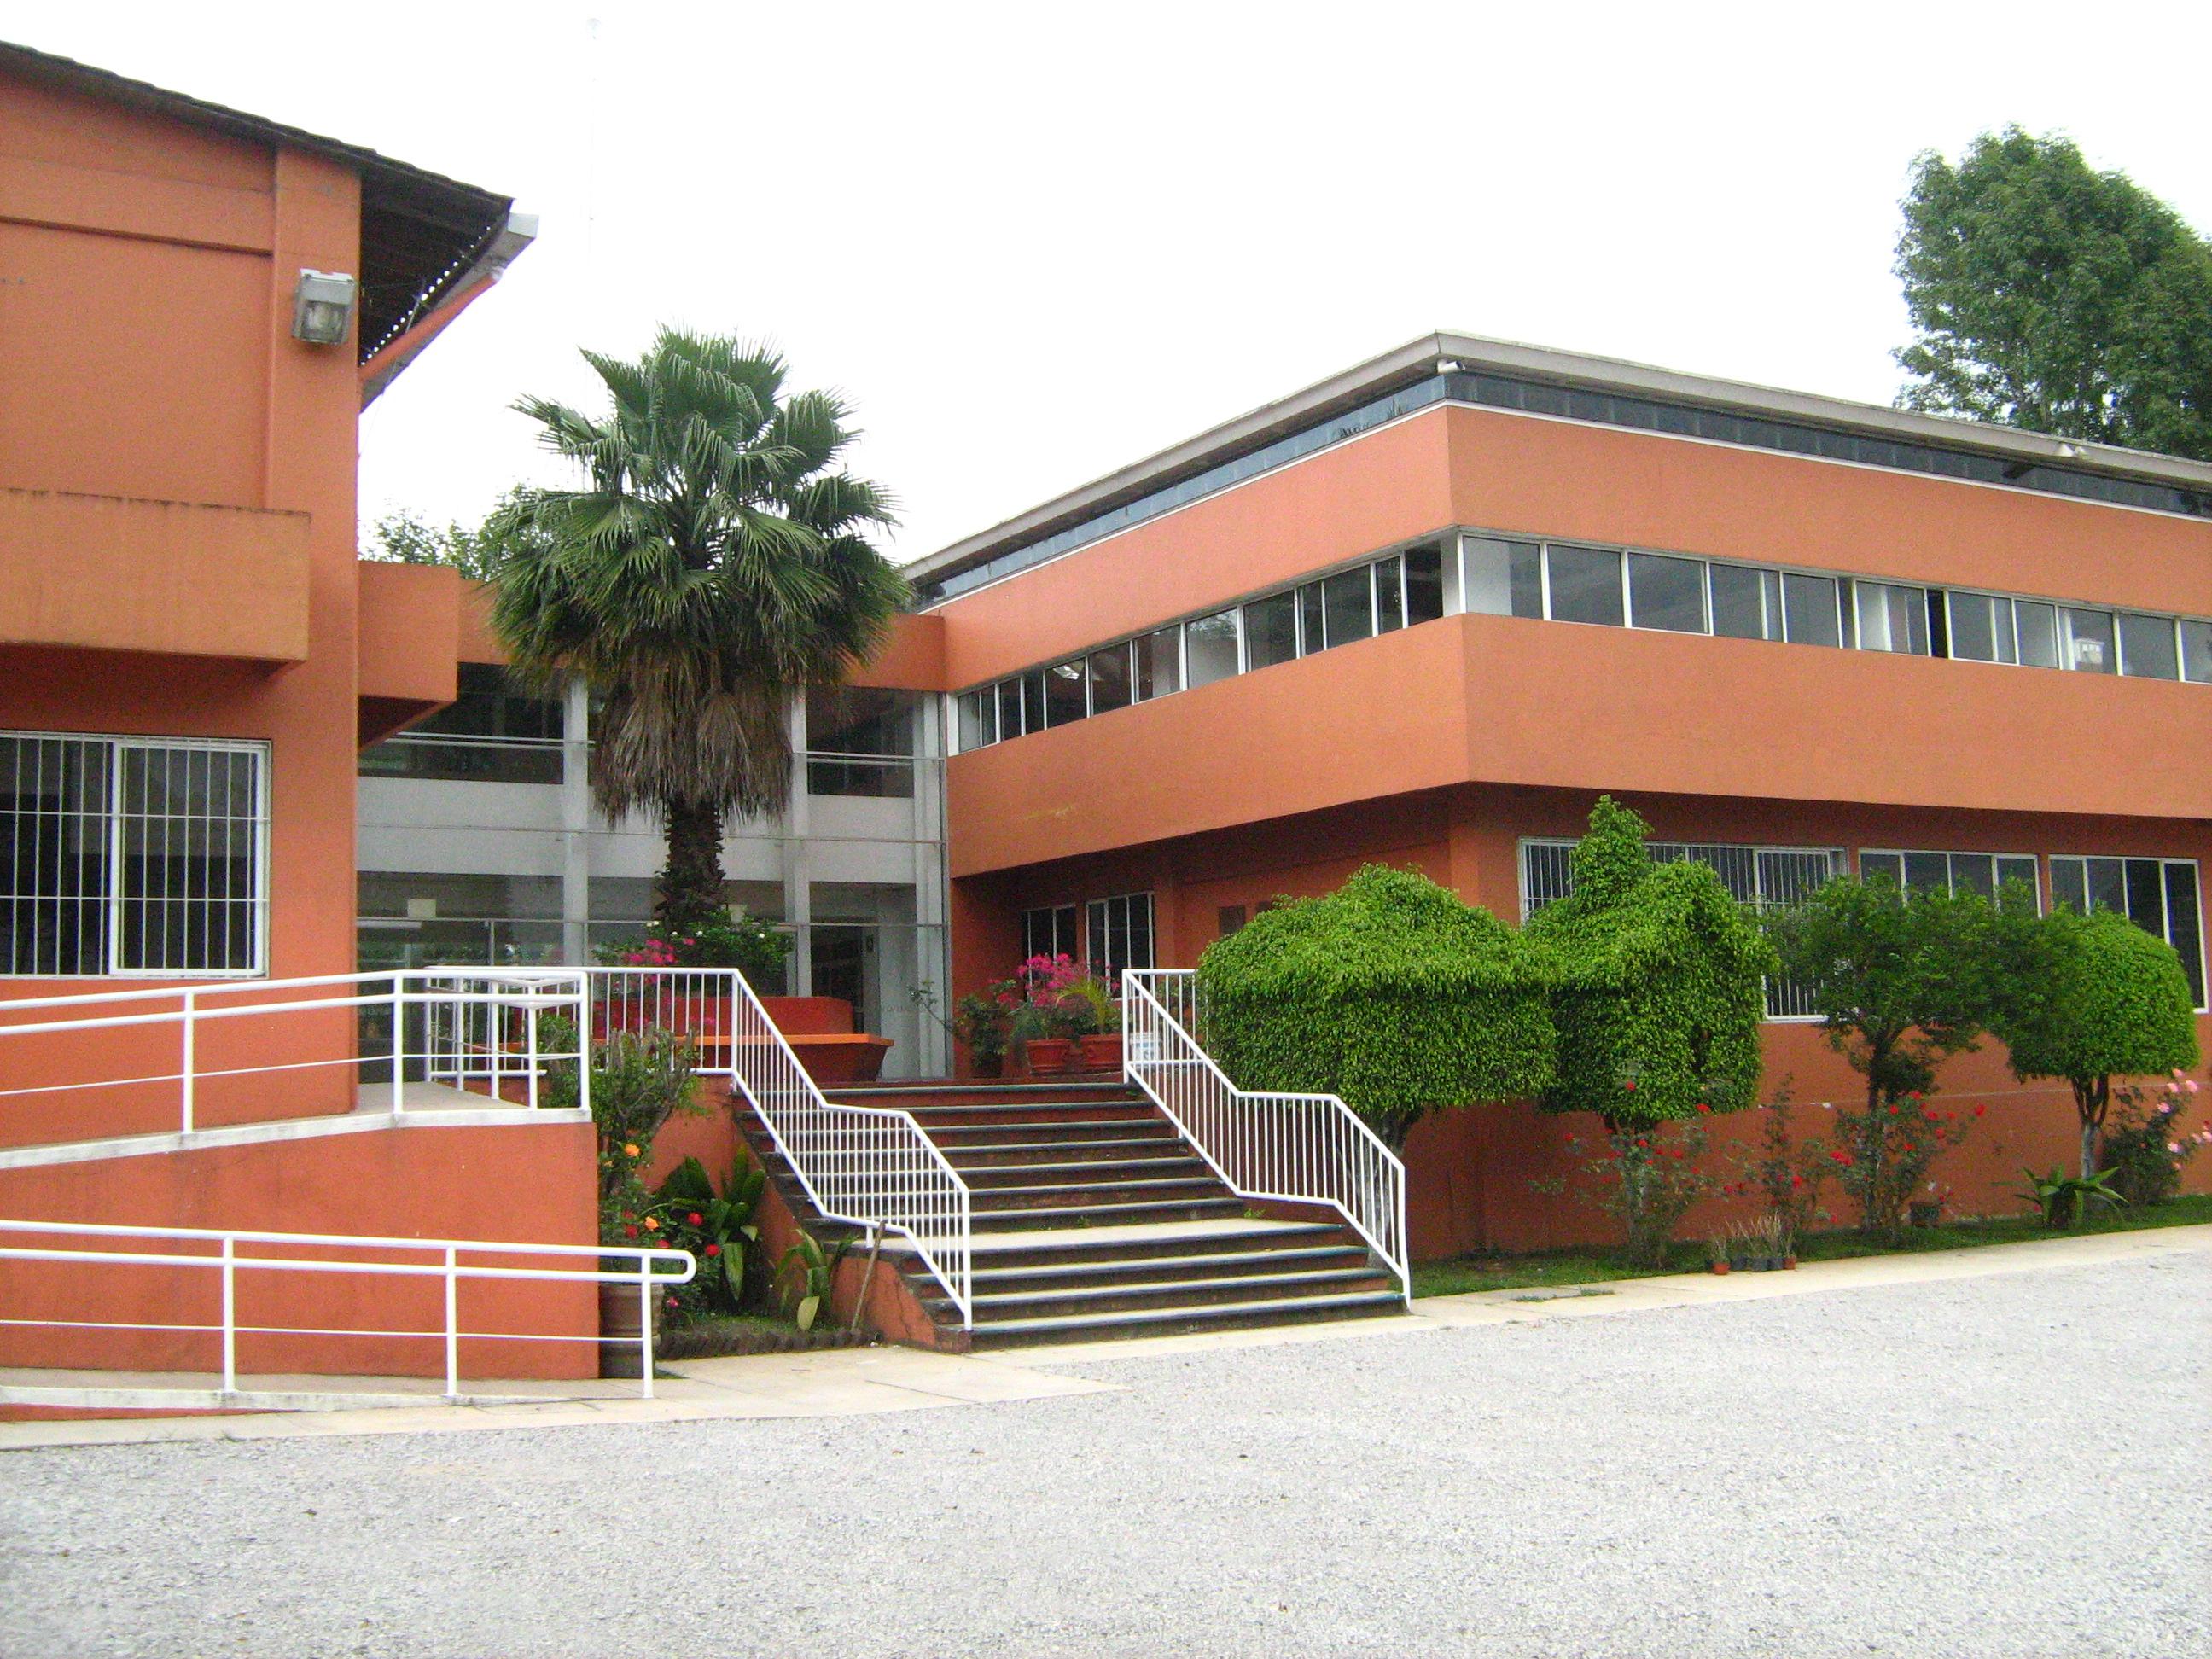 Semblanza ipe instituto de psicolog a y educaci n for Universidades en xalapa